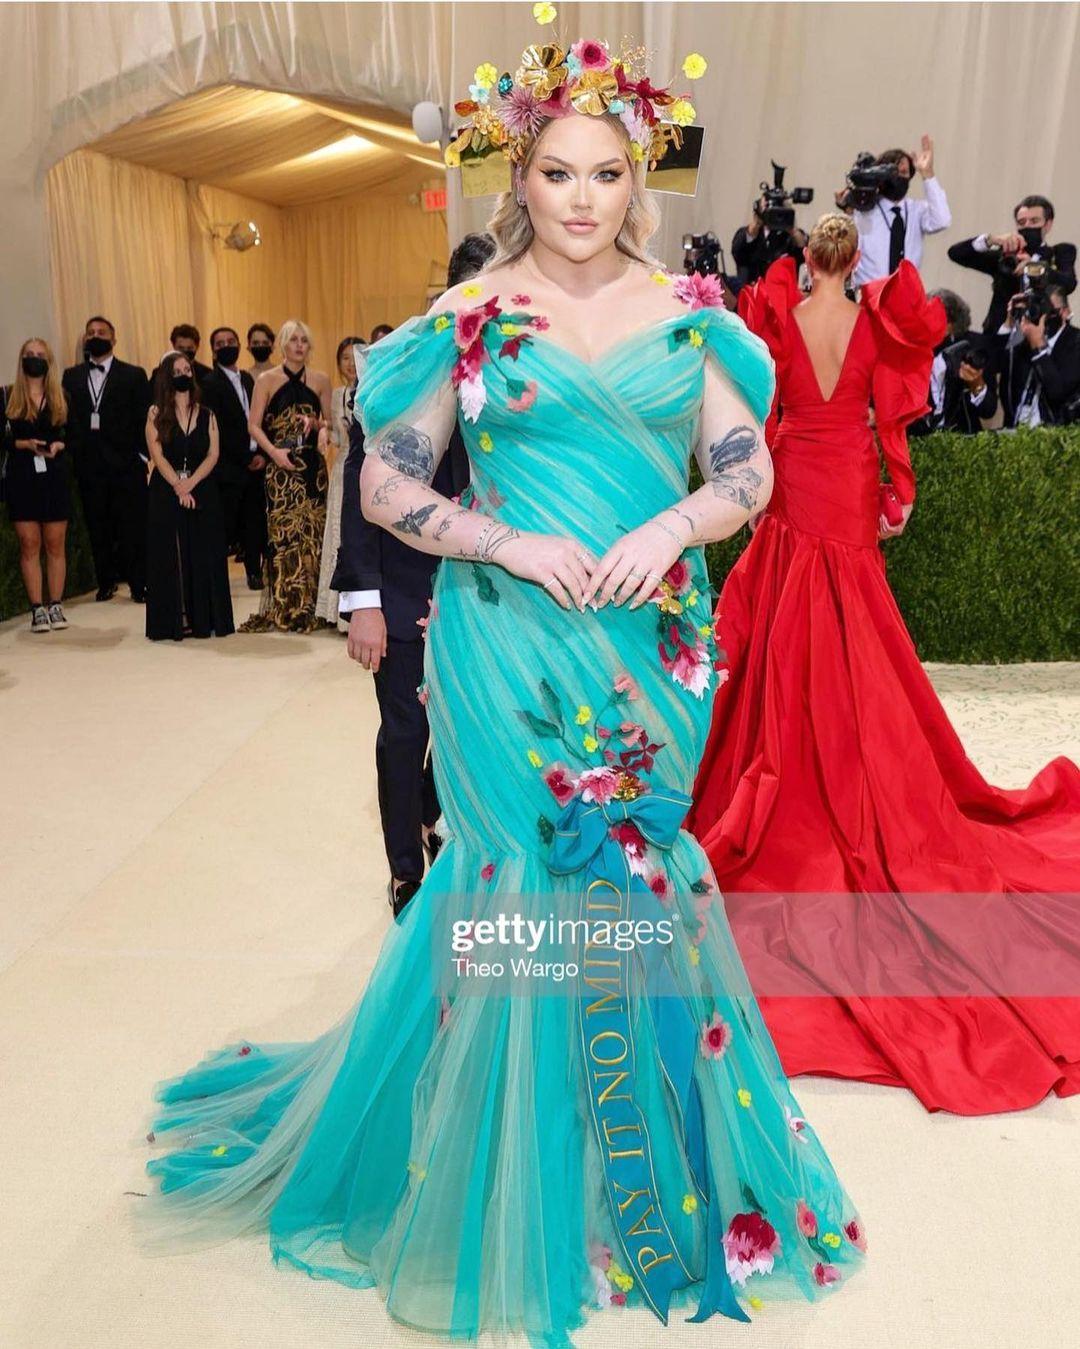 Met Gala 2021: Rosé xuất hiện, mặc lại váy cũ và chìm nghỉm giữa những màn lột đồ lồng lộn trên thảm đỏ  - Ảnh 16.